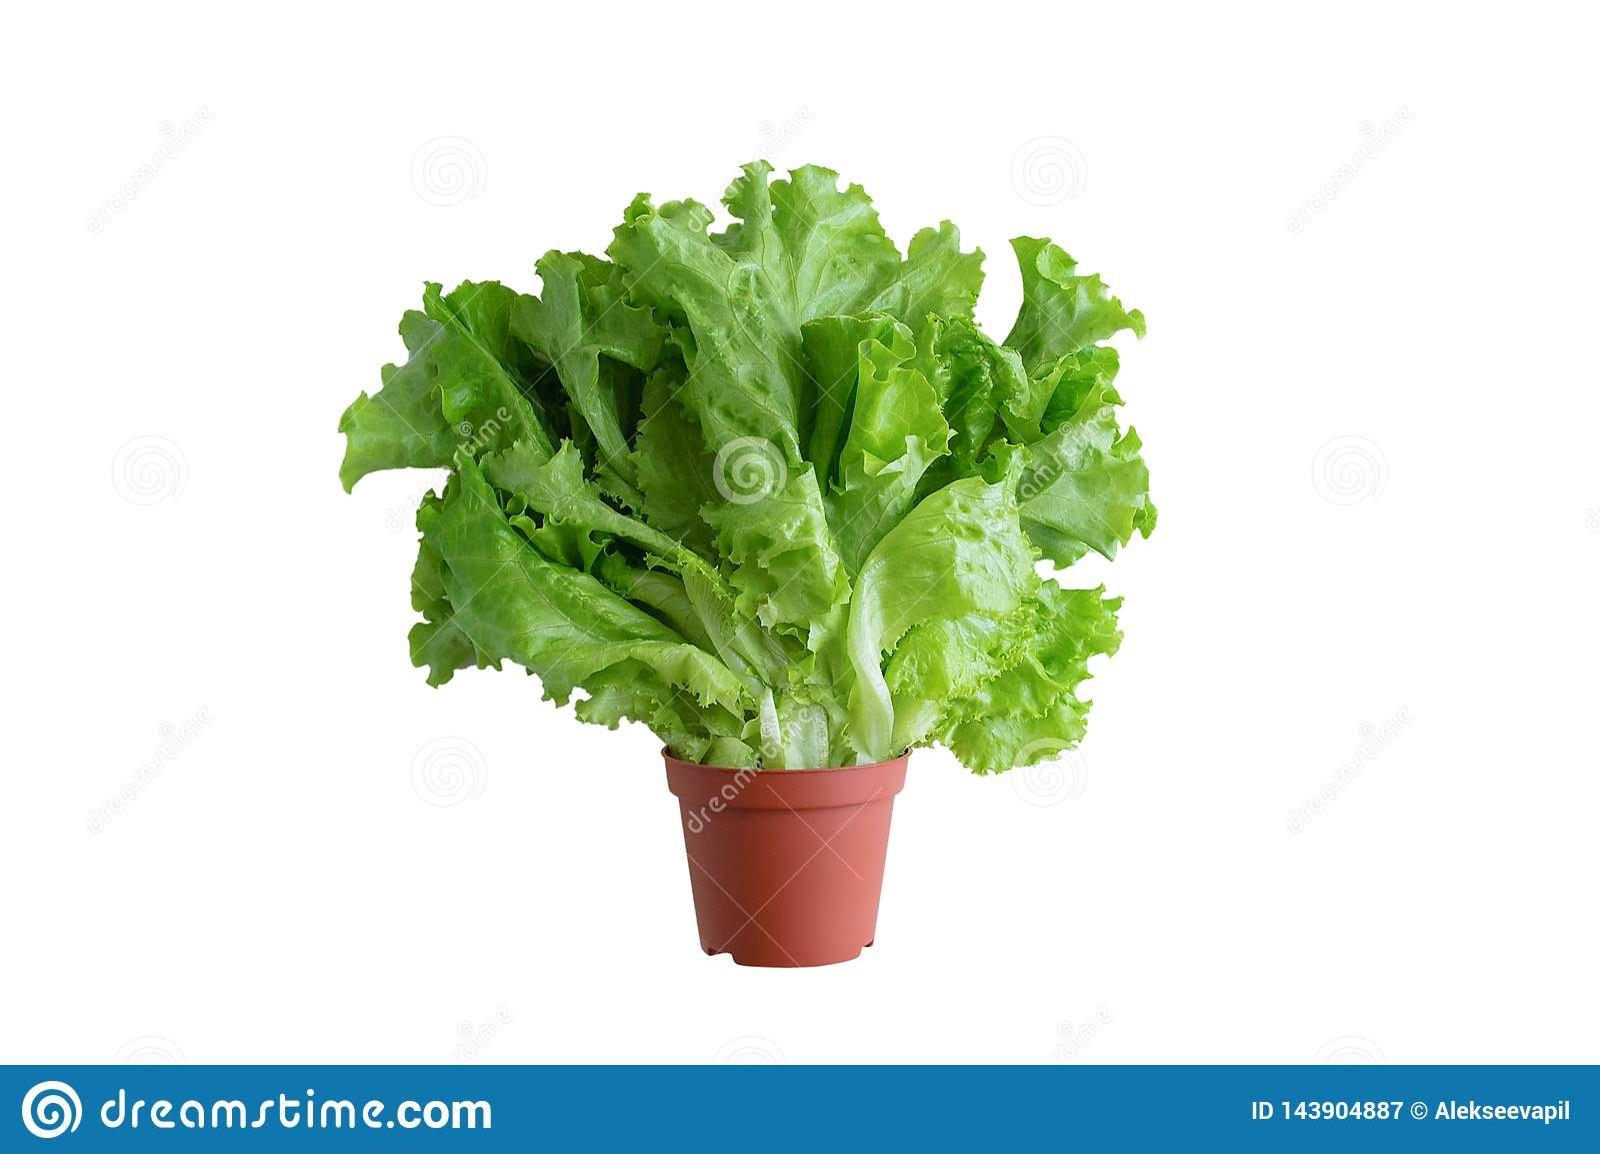 Foglie verdi di lattuga fresca in un vaso marrone